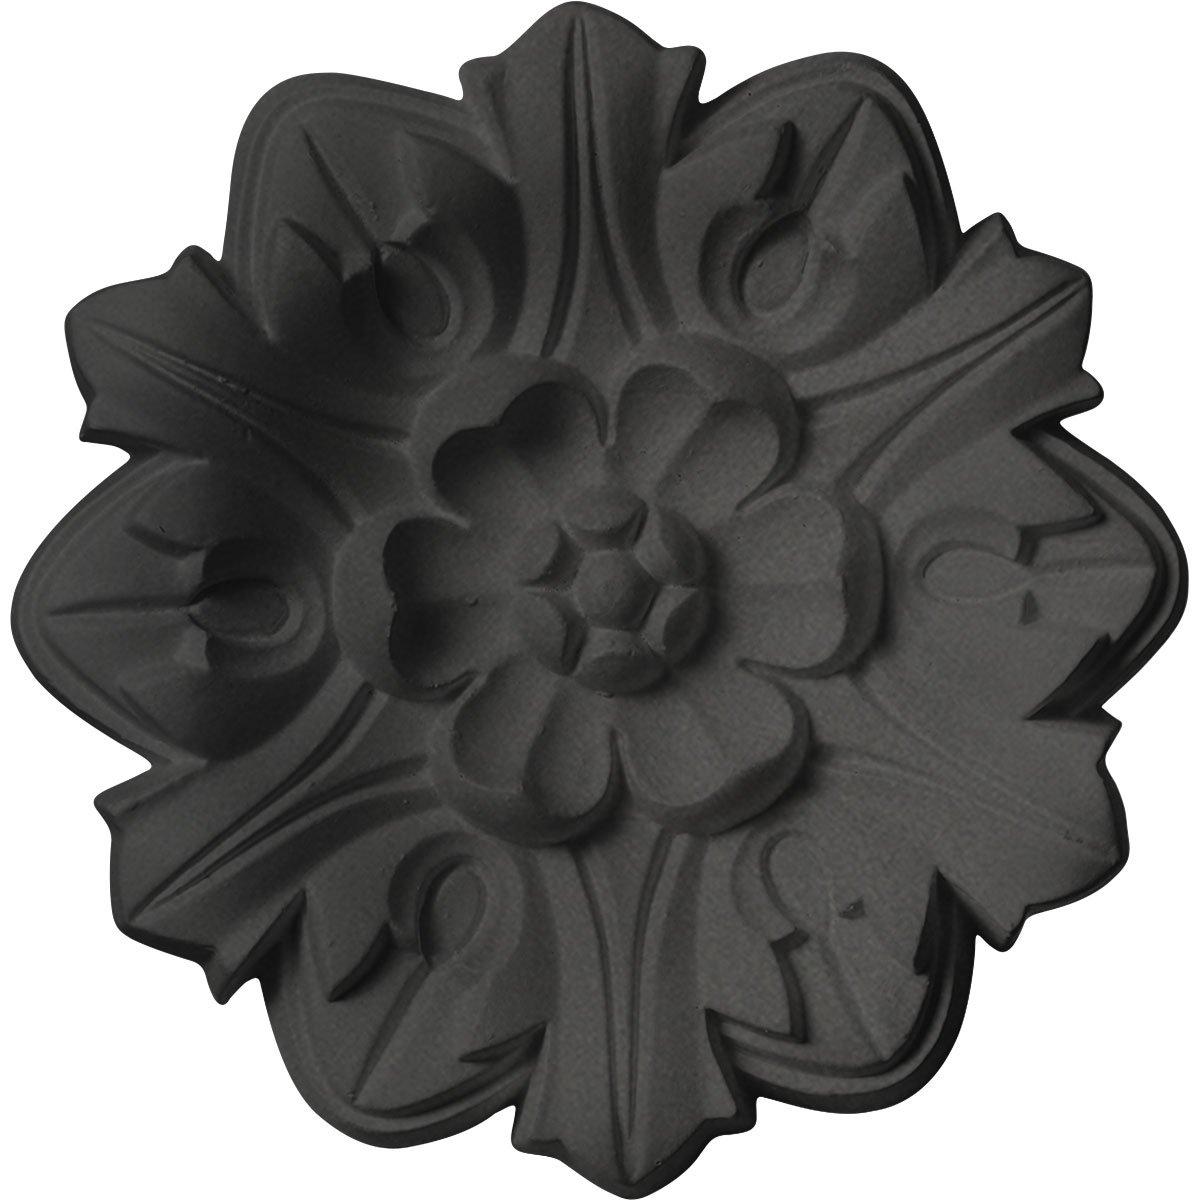 Ekena Millwork CM07EMSGS Ceiling Medallion 7 5/8'' OD x 1'' P Emery Leaf, Steel Gray